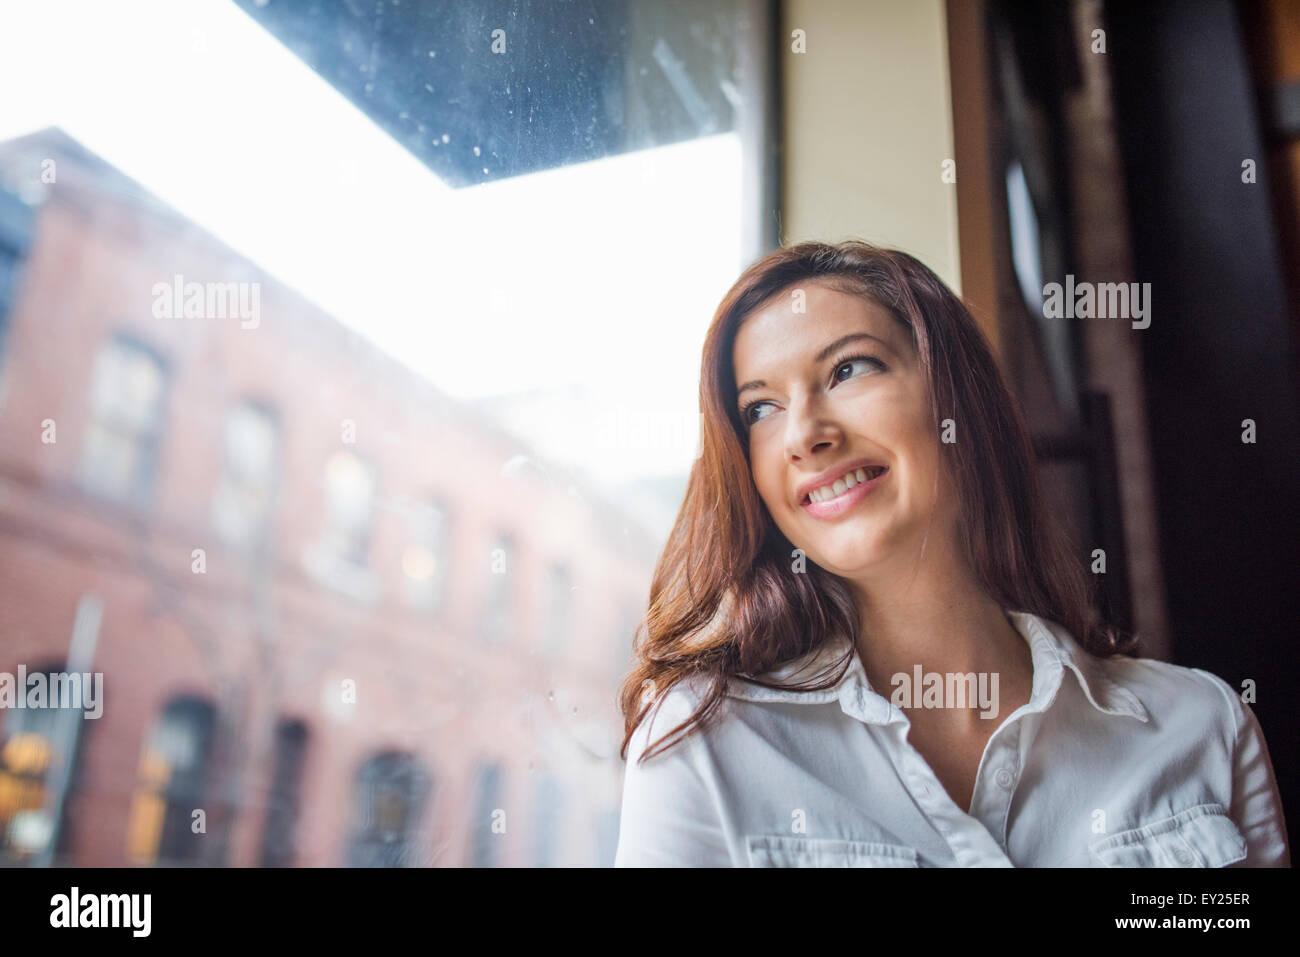 Porträt der jungen Frau mit langen dunklen Haaren, lächelnd, niedrigen Winkel Ansicht Stockbild